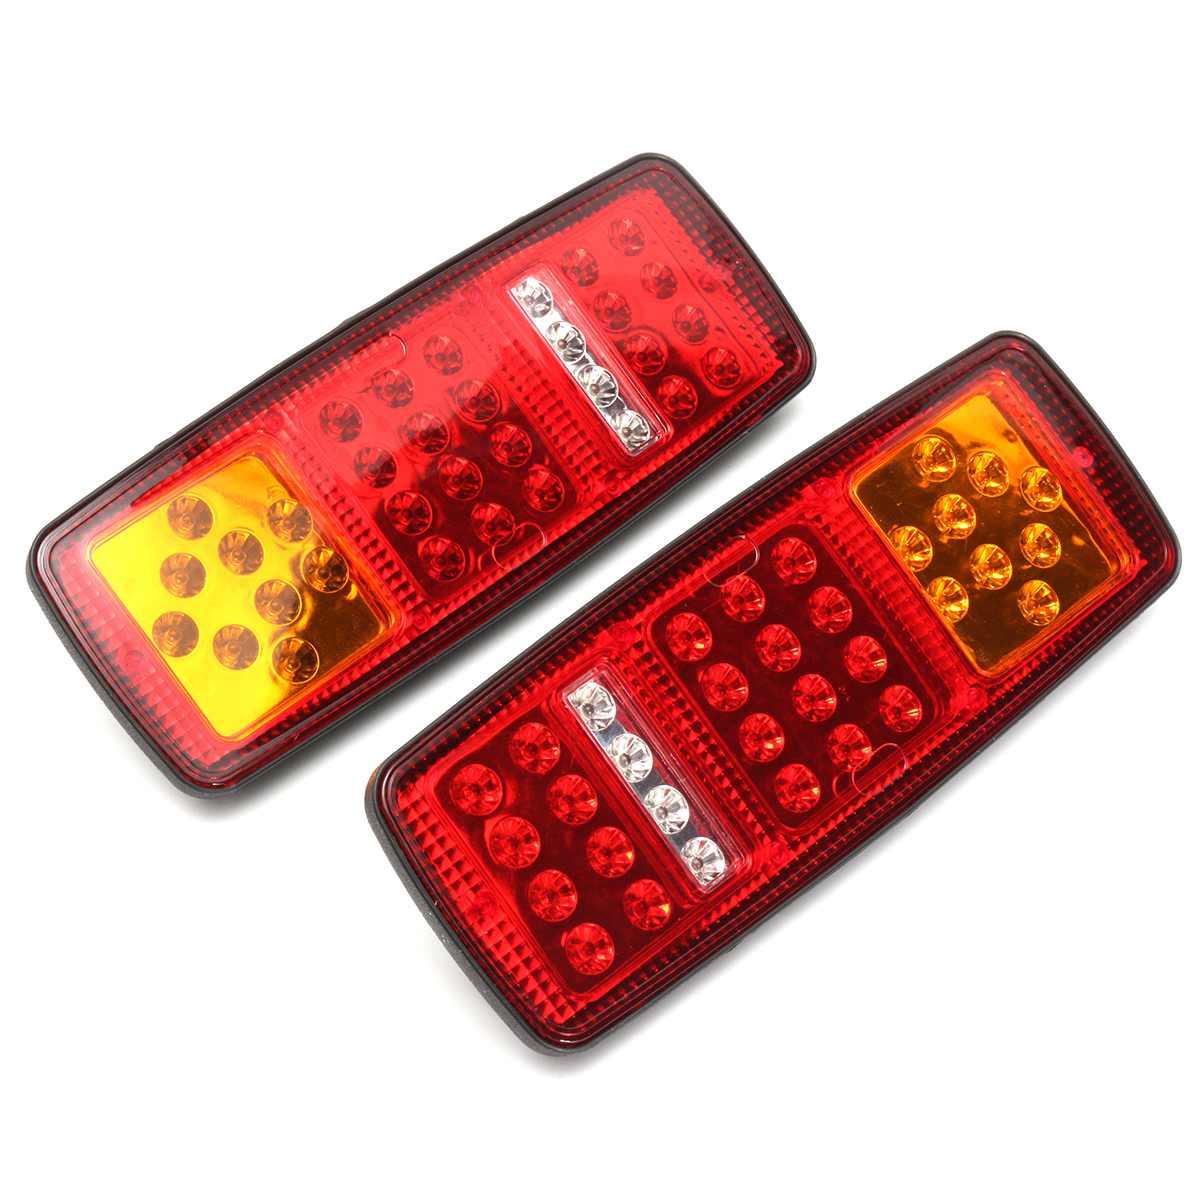 Задний стоп-сигнал, стоп-сигнал, для автобусов, фургонов, 33 светодиода, 2 шт.